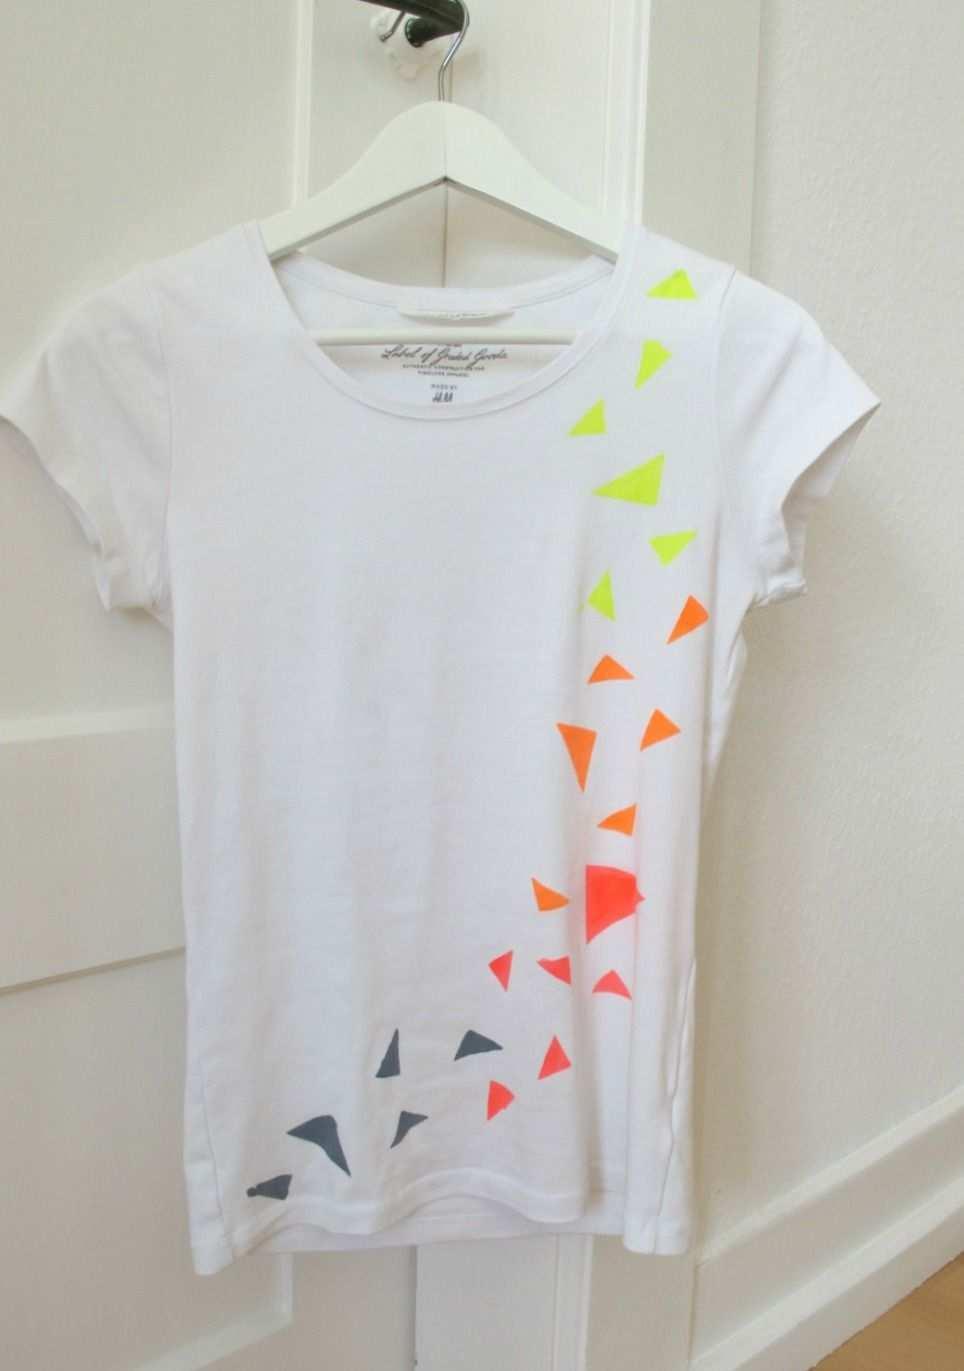 Diy Neon Shirt Babybirds Neonkleidung Selbstgemachte Kleidung T Shirt Bemalen